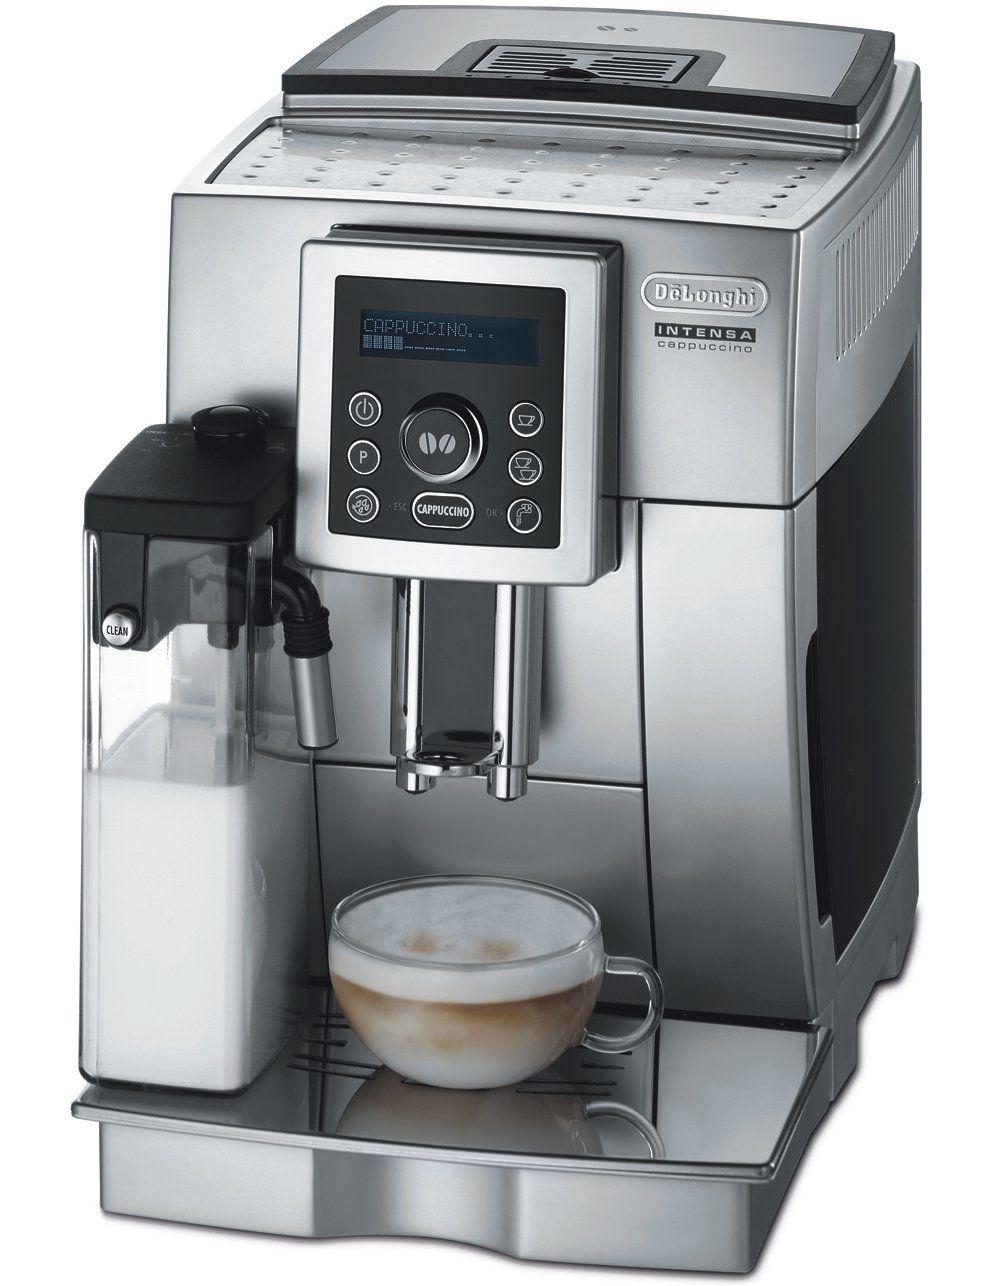 кофемашина bosch tes 70321 rw verobar инструкция